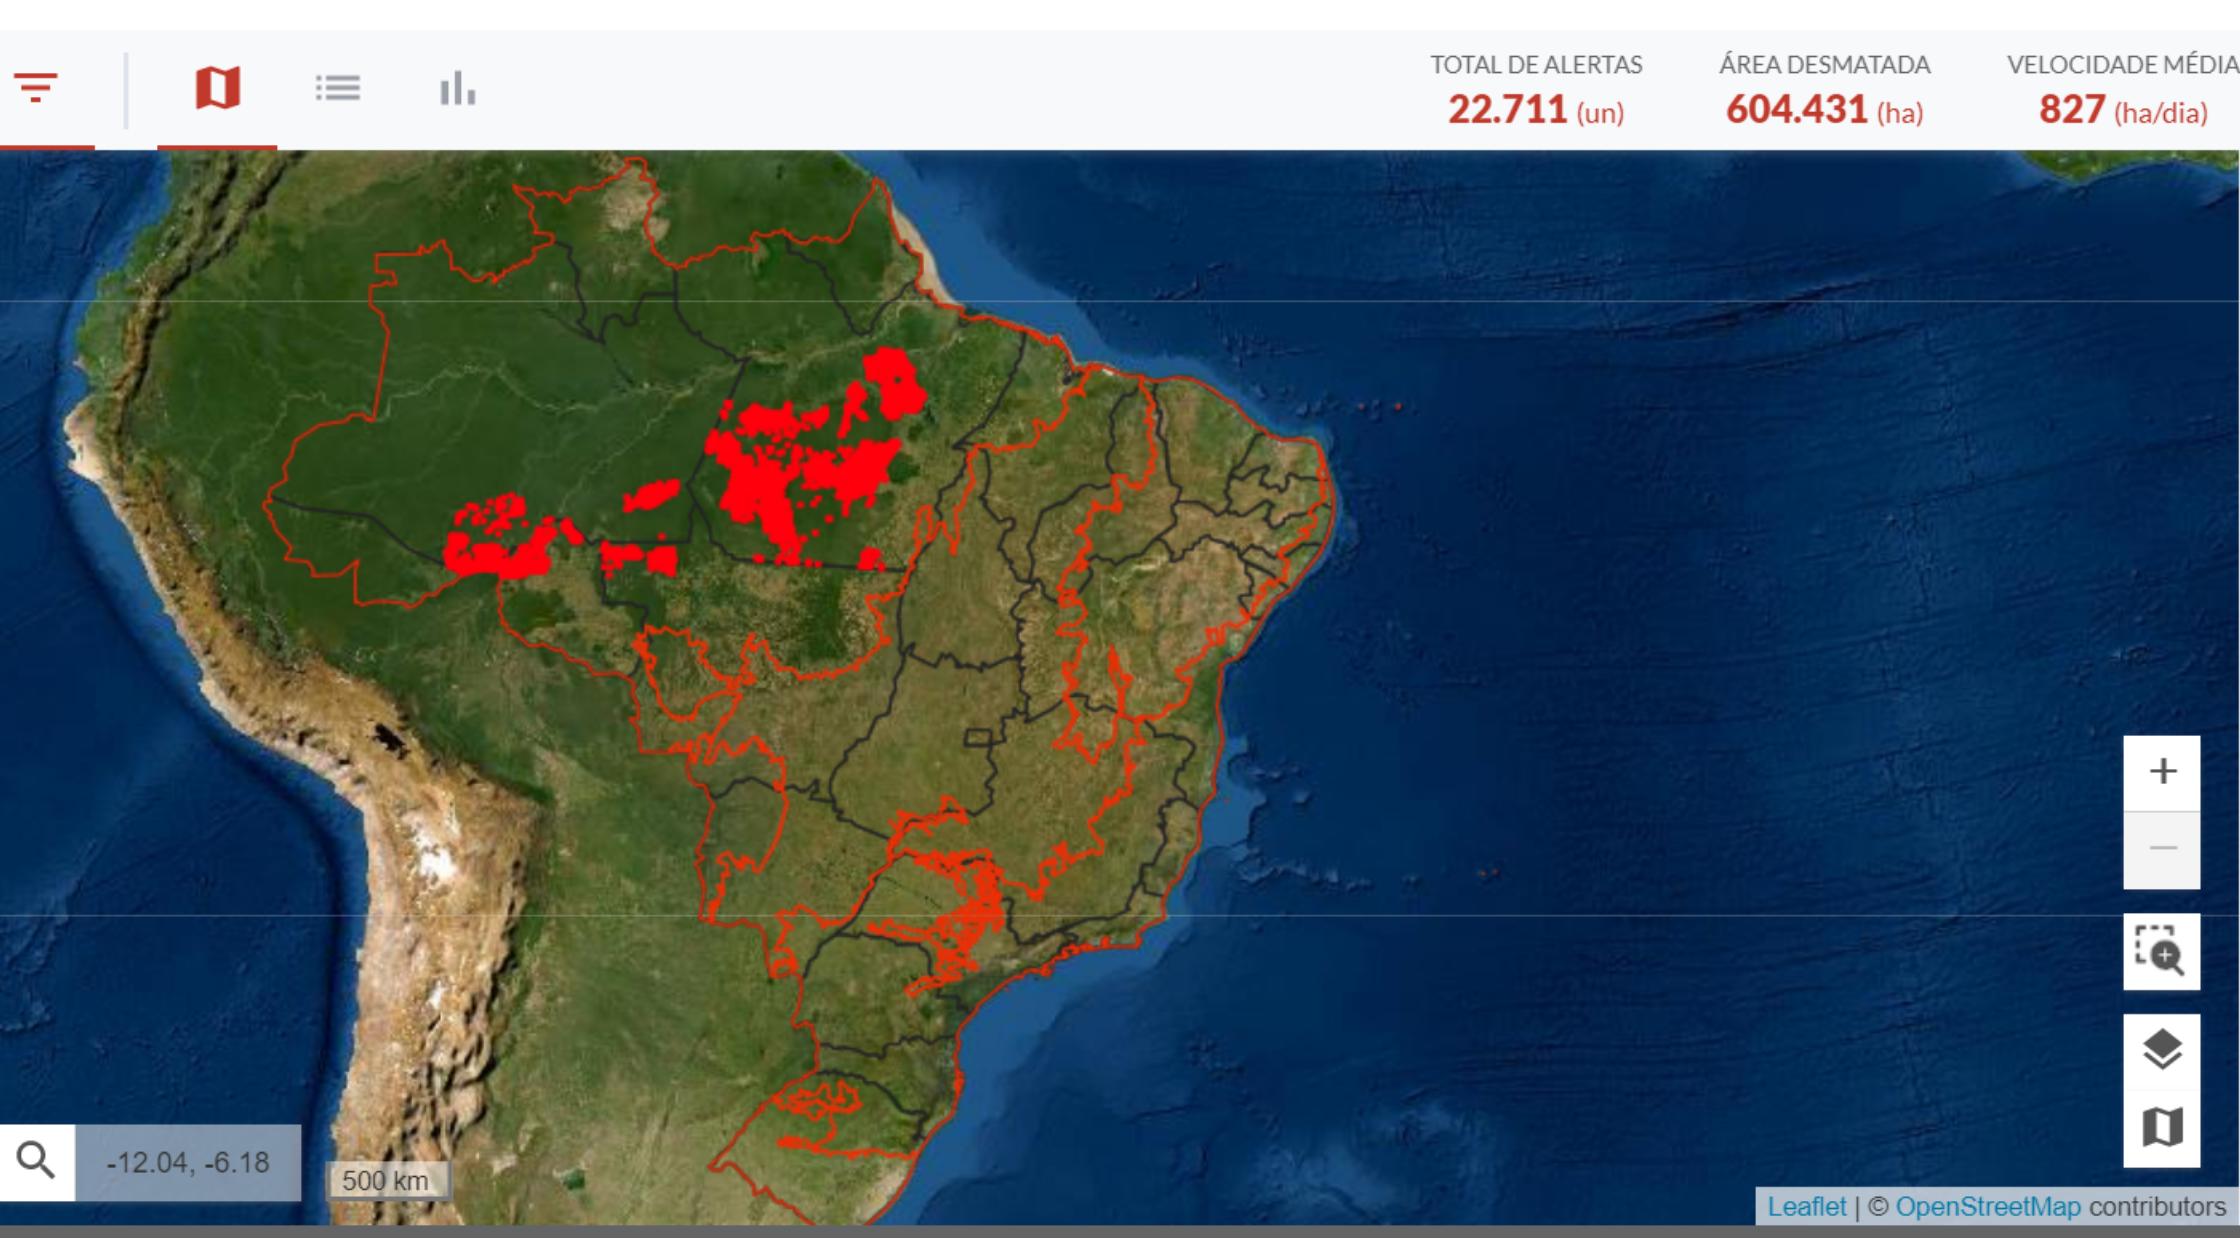 Alertas de desmatamento nos 11 municípios prioritários desde janeiro de 2019